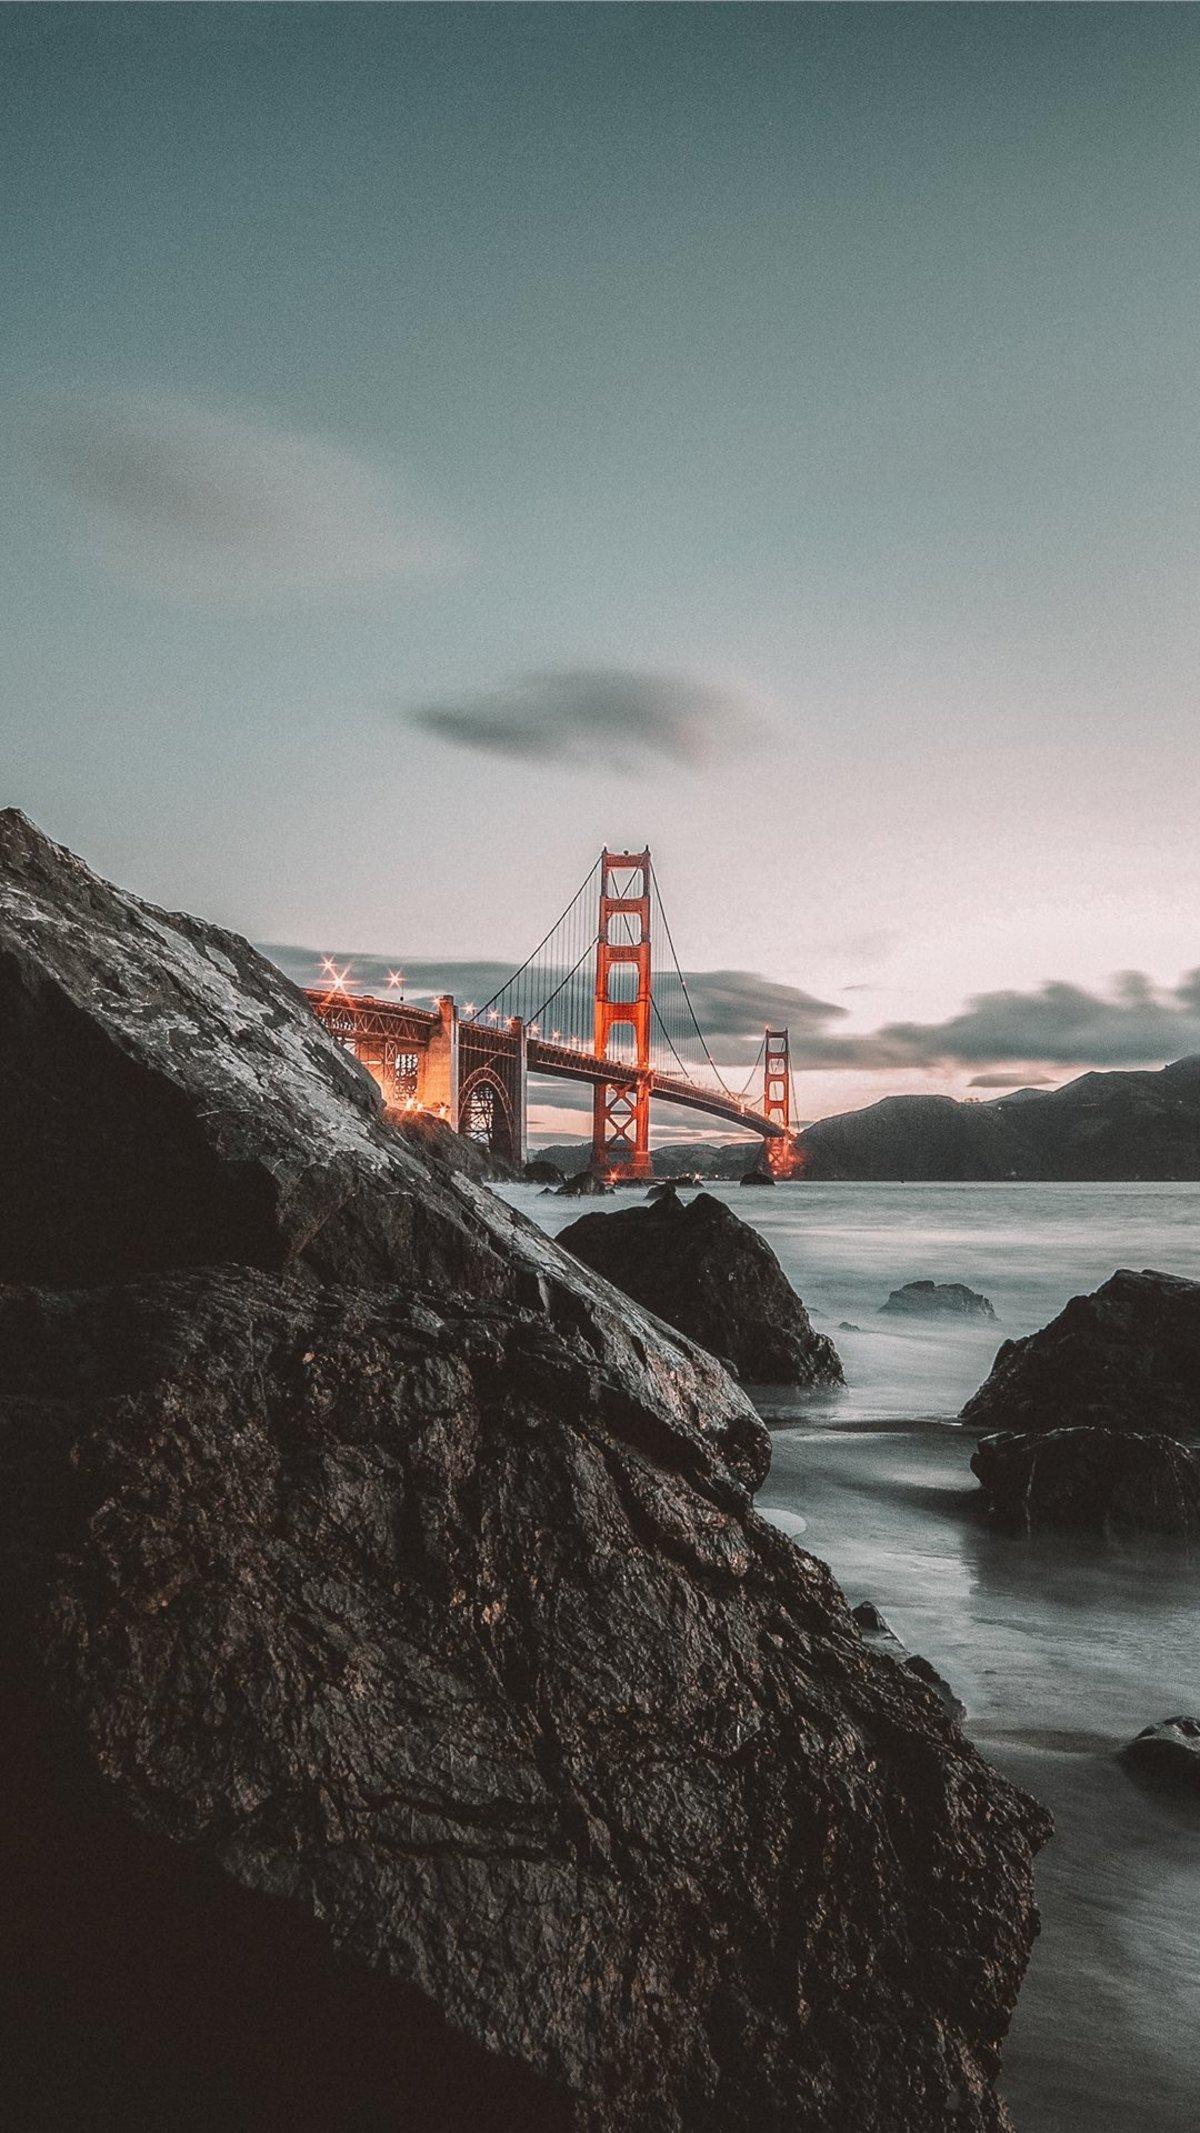 fondos puentes